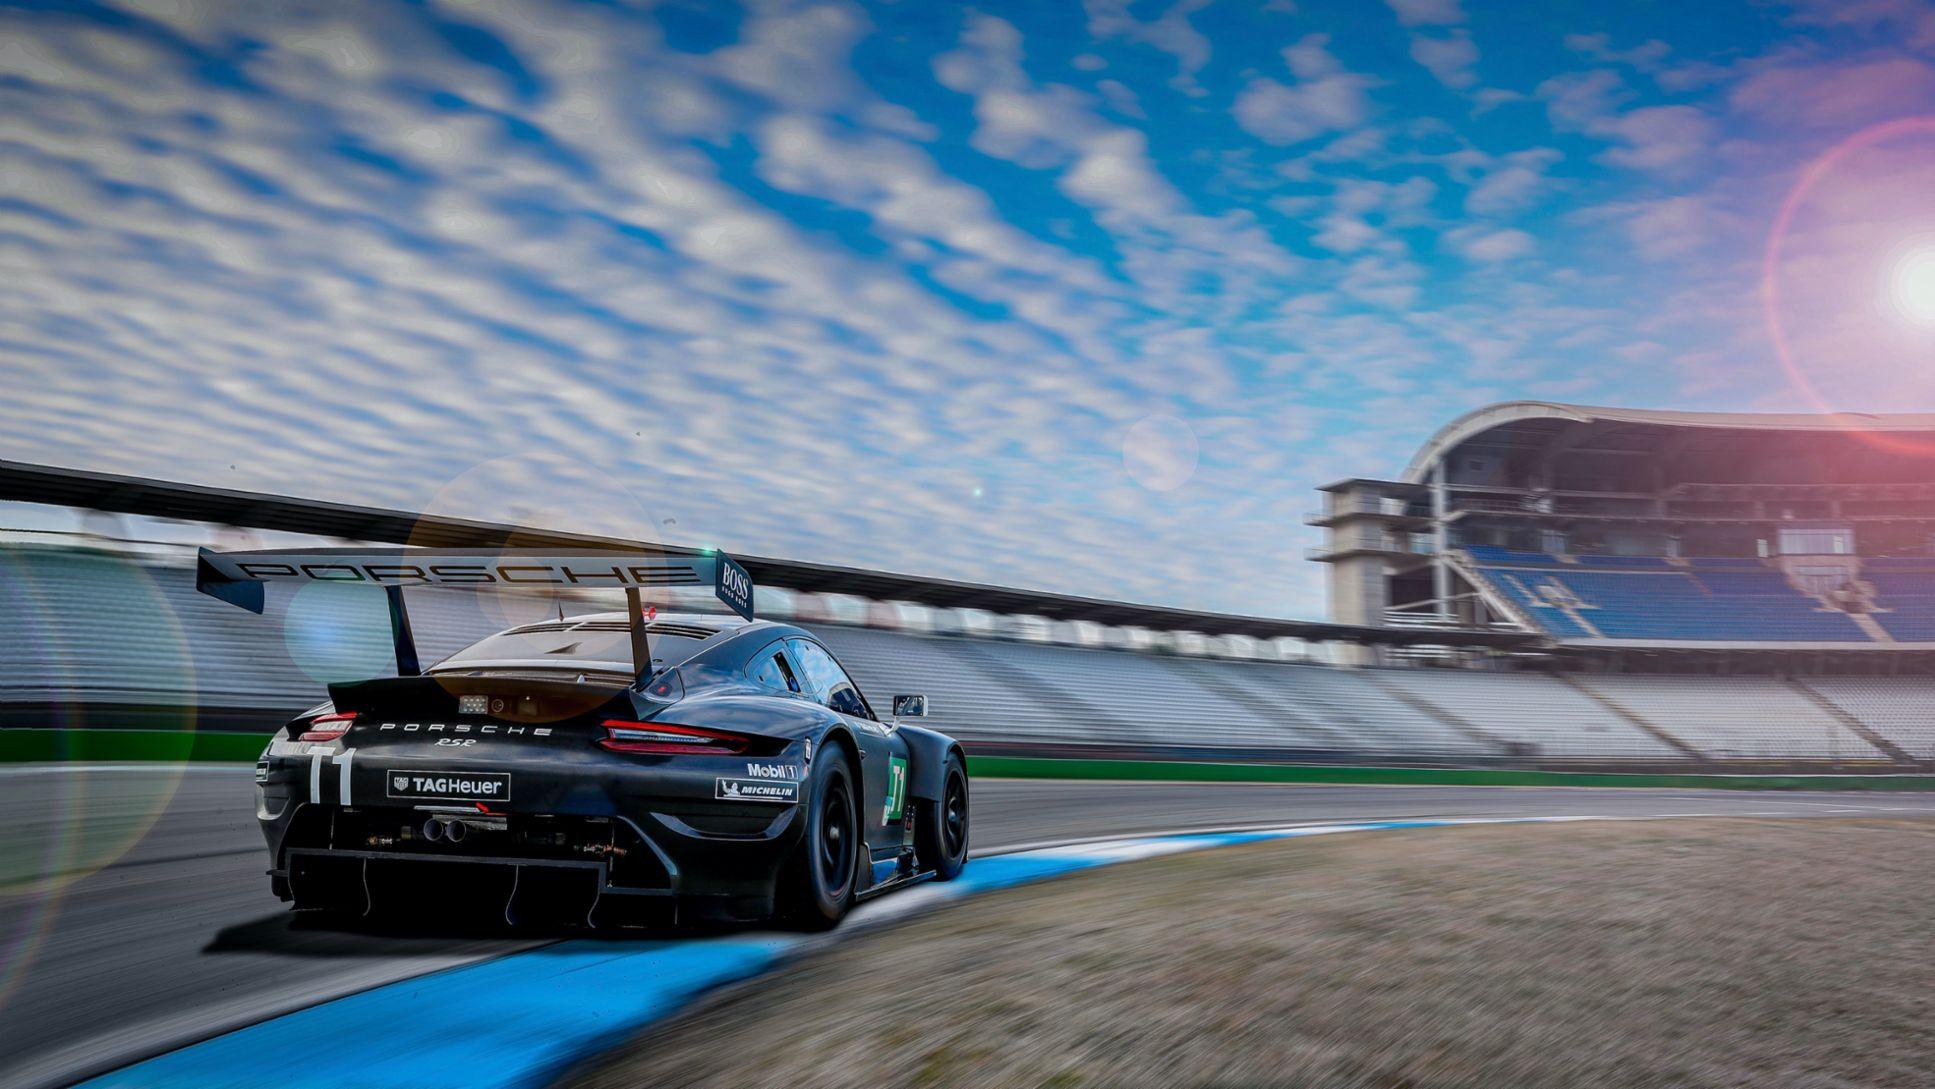 Mit der Erfahrung aus 59 Le-Mans-Einsätzen zum Highlight des Jahres